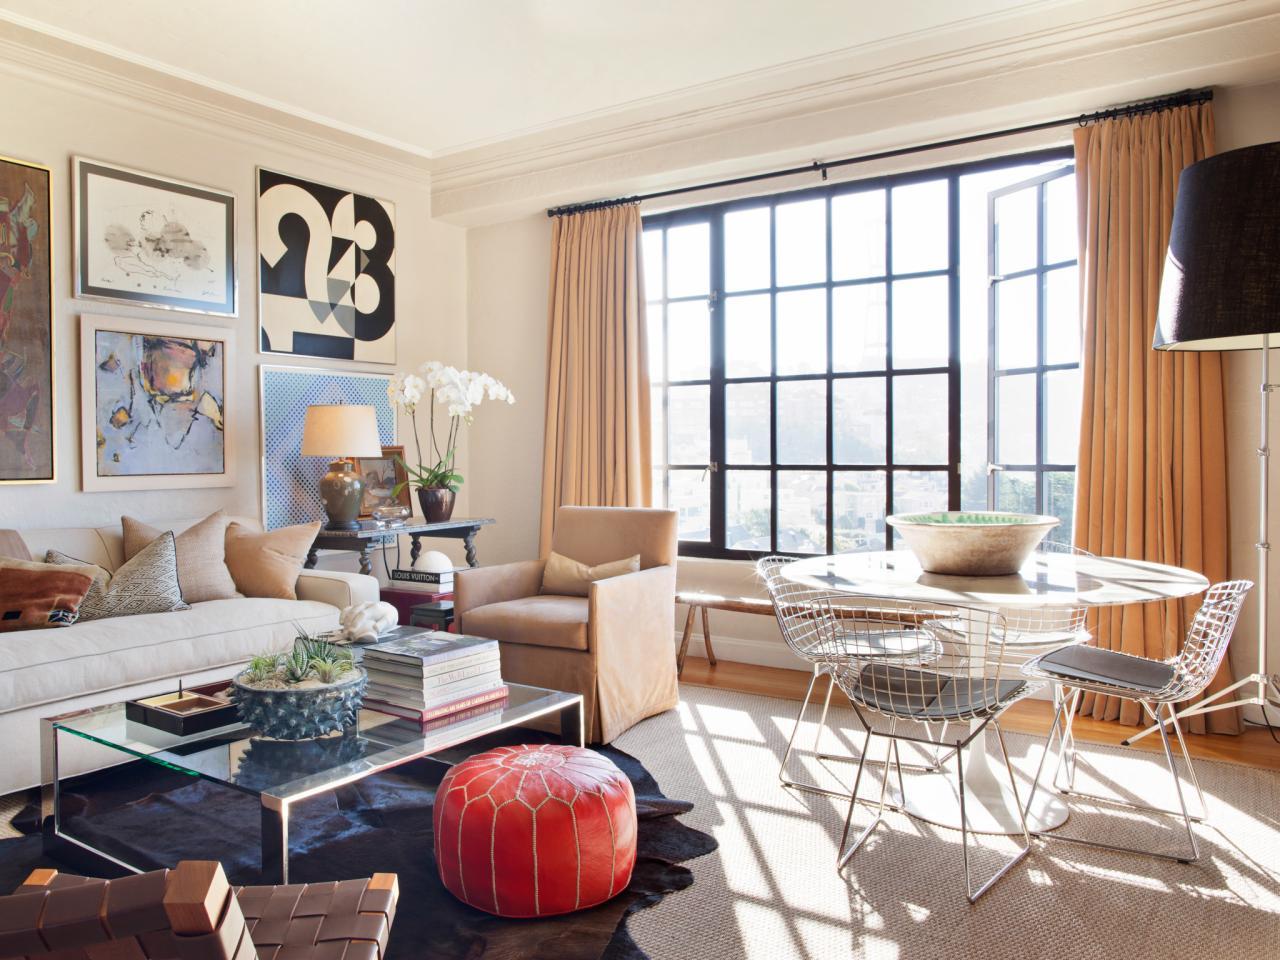 Viele Wohnungseinrichtung Ideen in diesem Stil finden Sie hier.